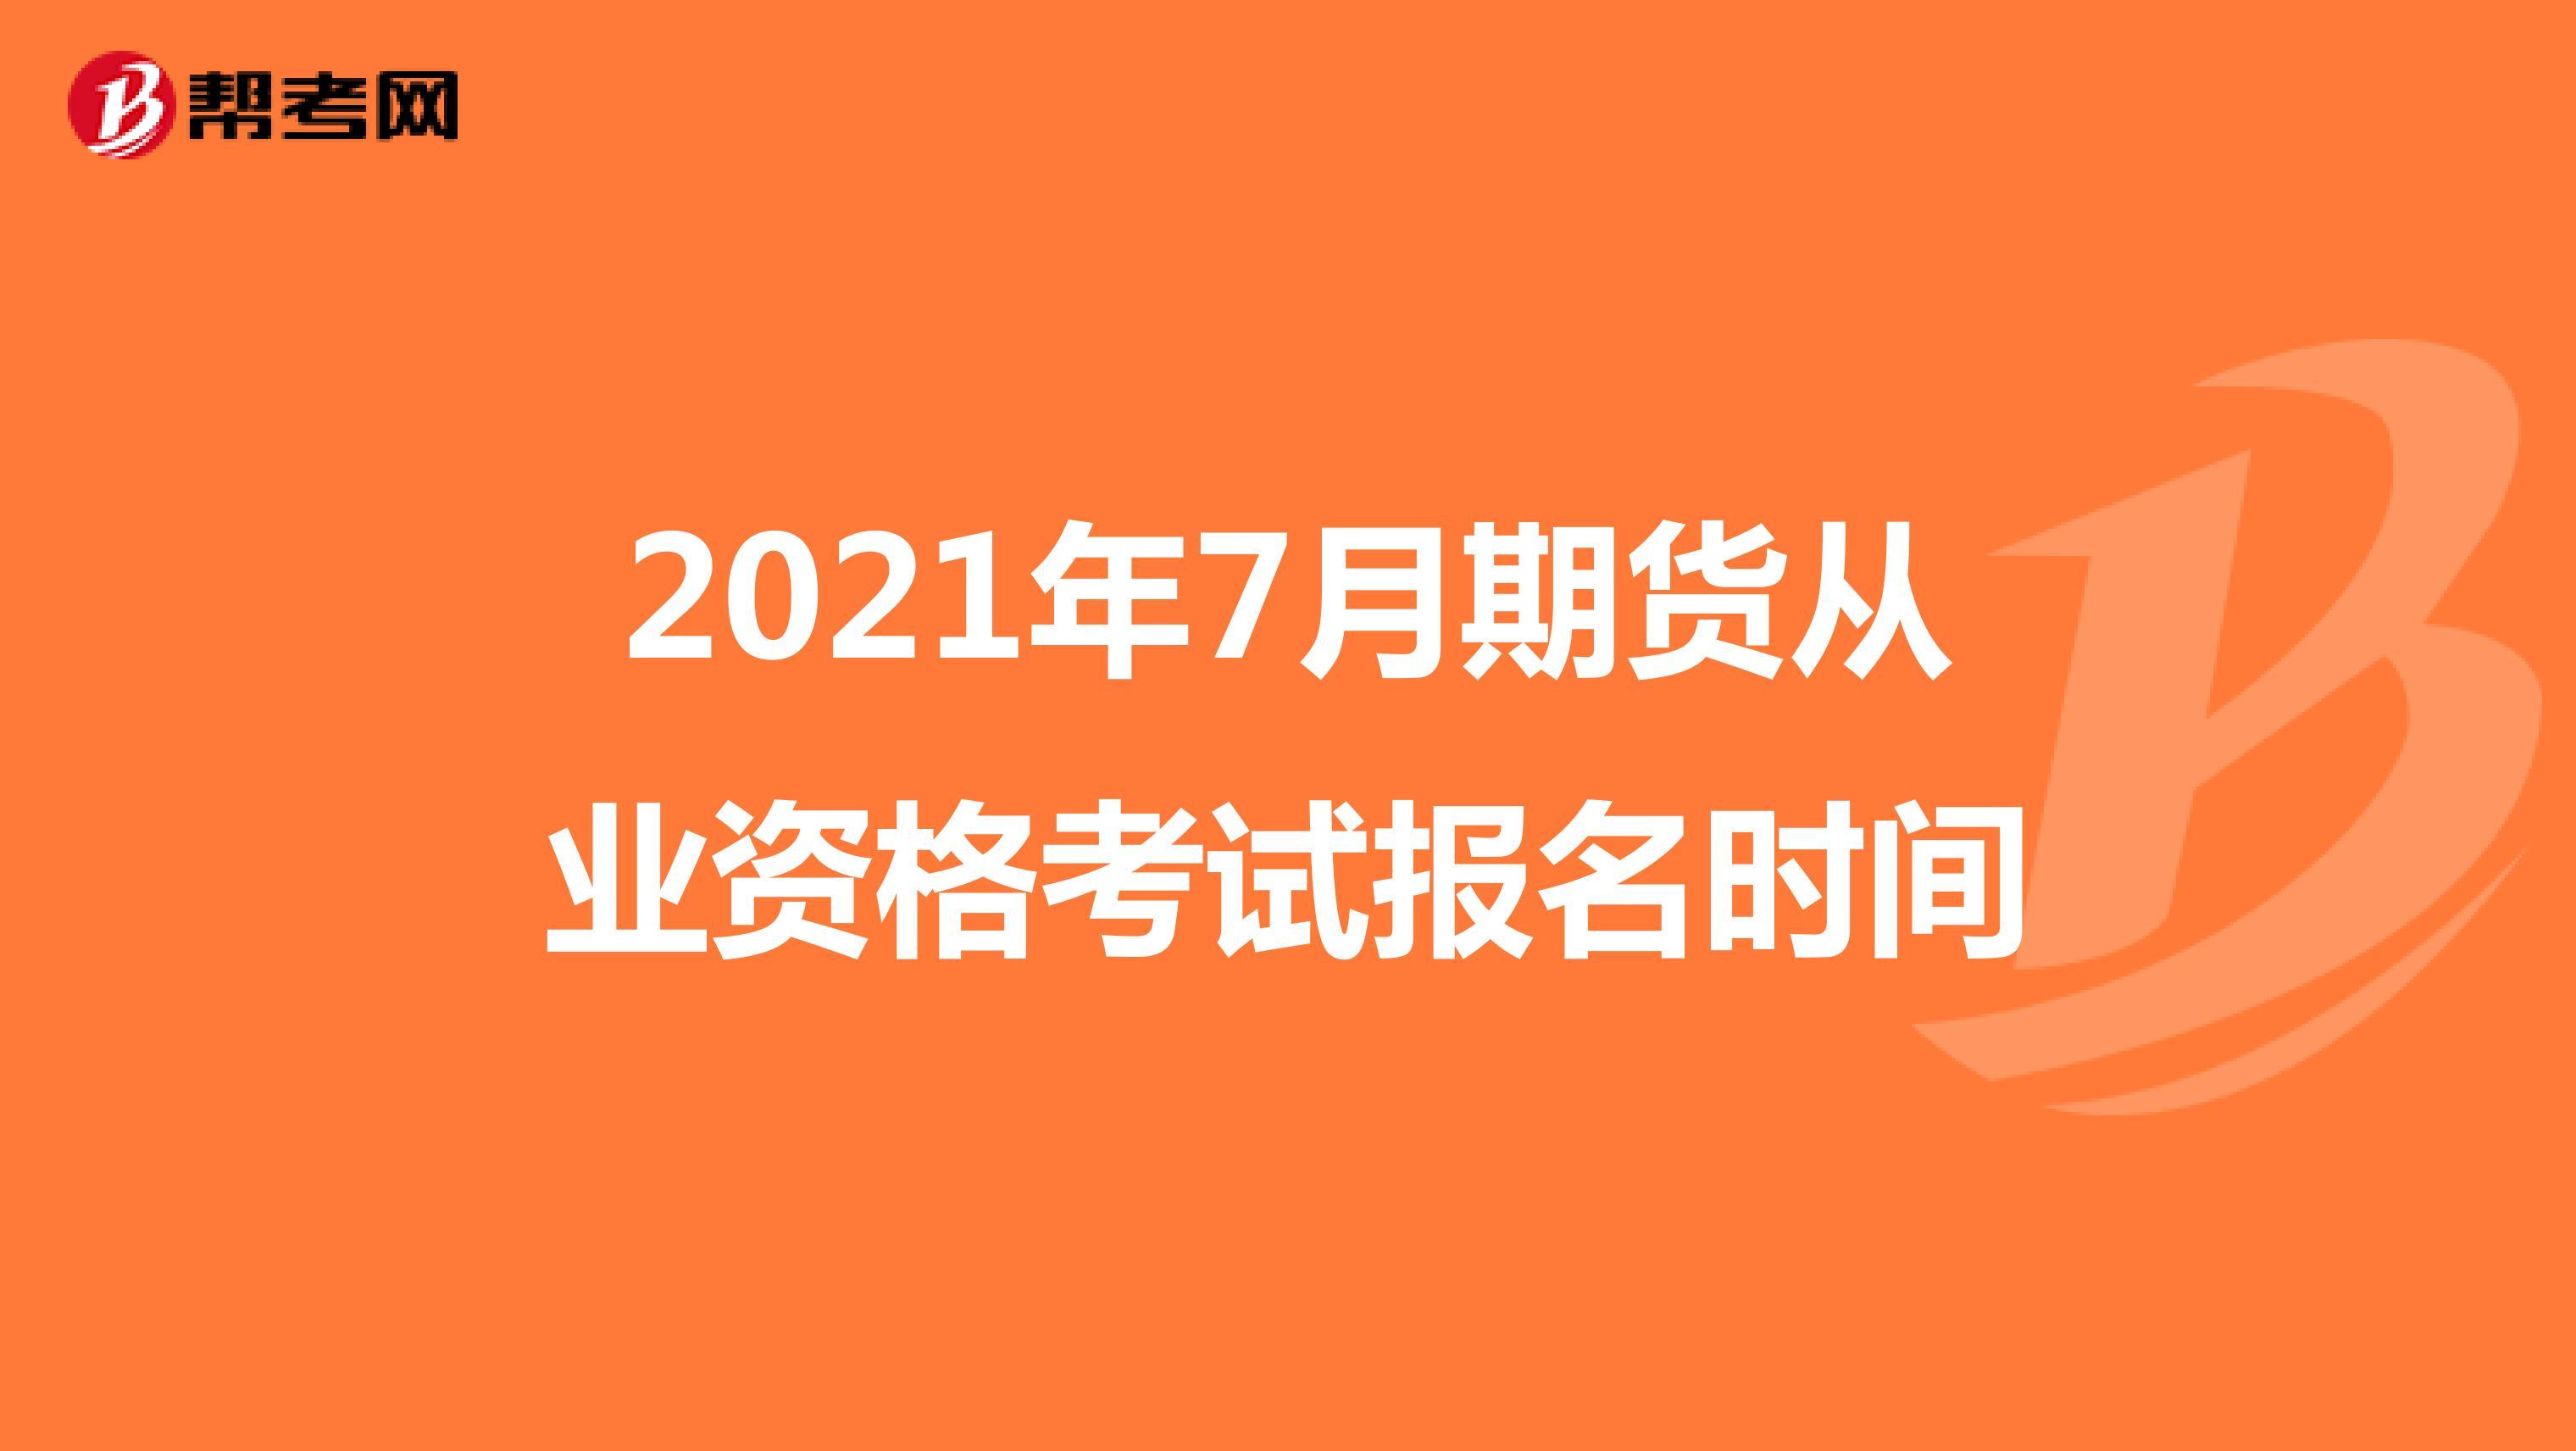 2021年7月期货从业资格考试报名时间